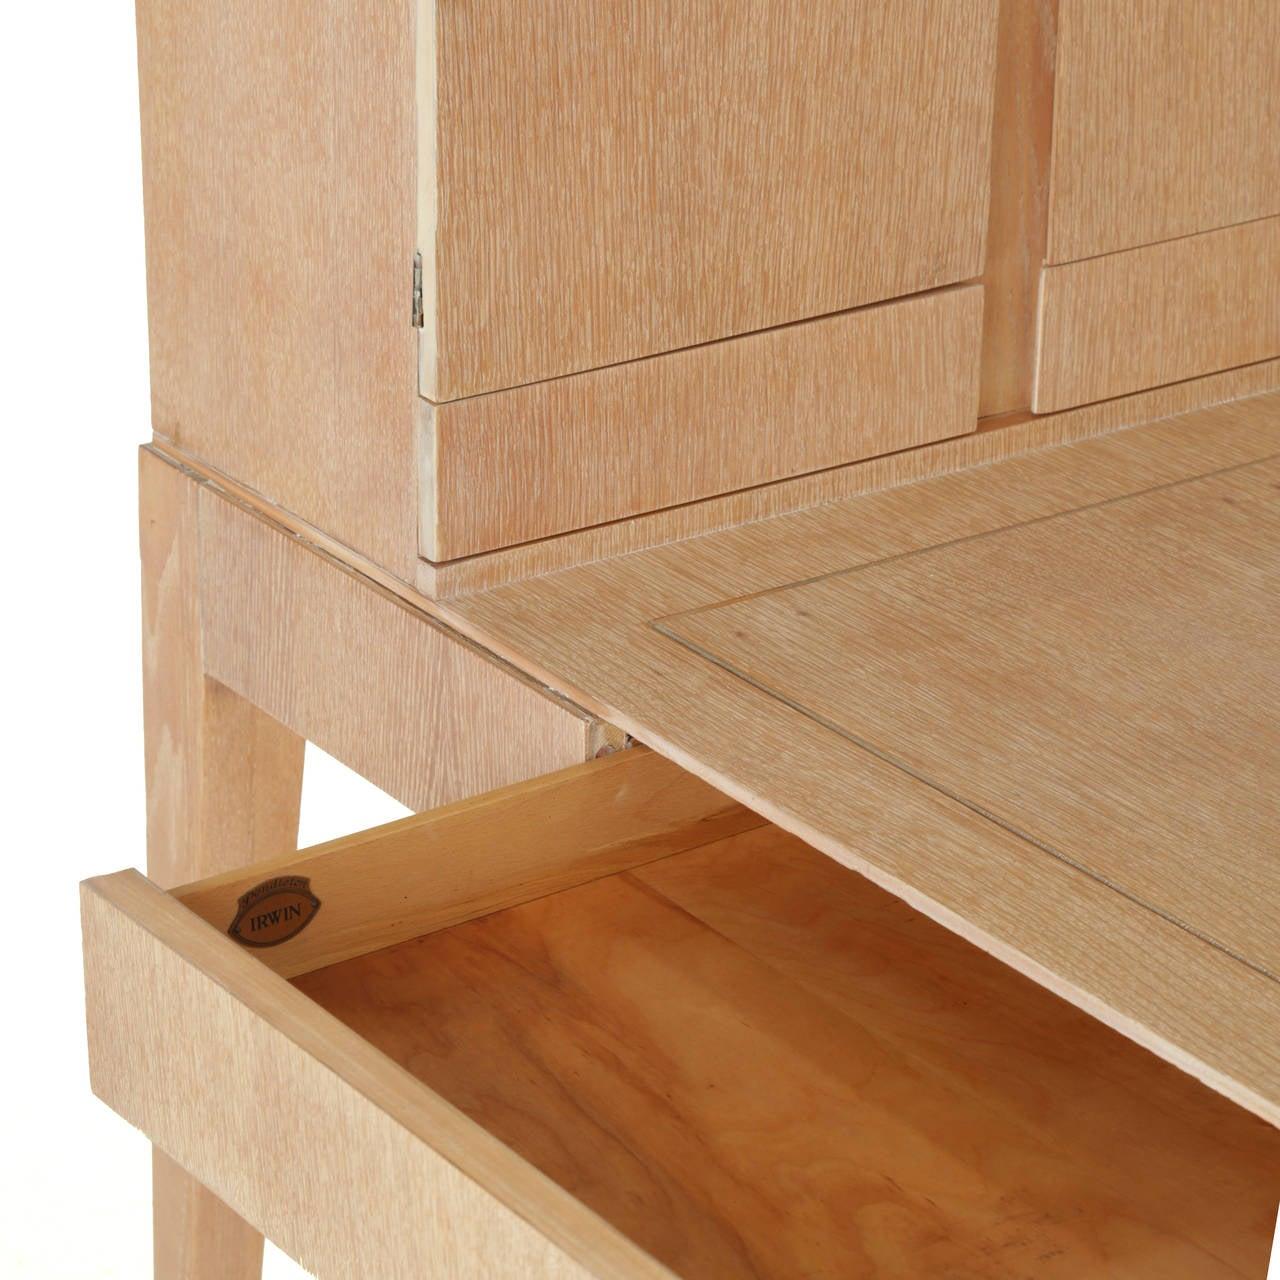 Oak Secretary Desk by Irwin with Letter Cabinet For Sale 1